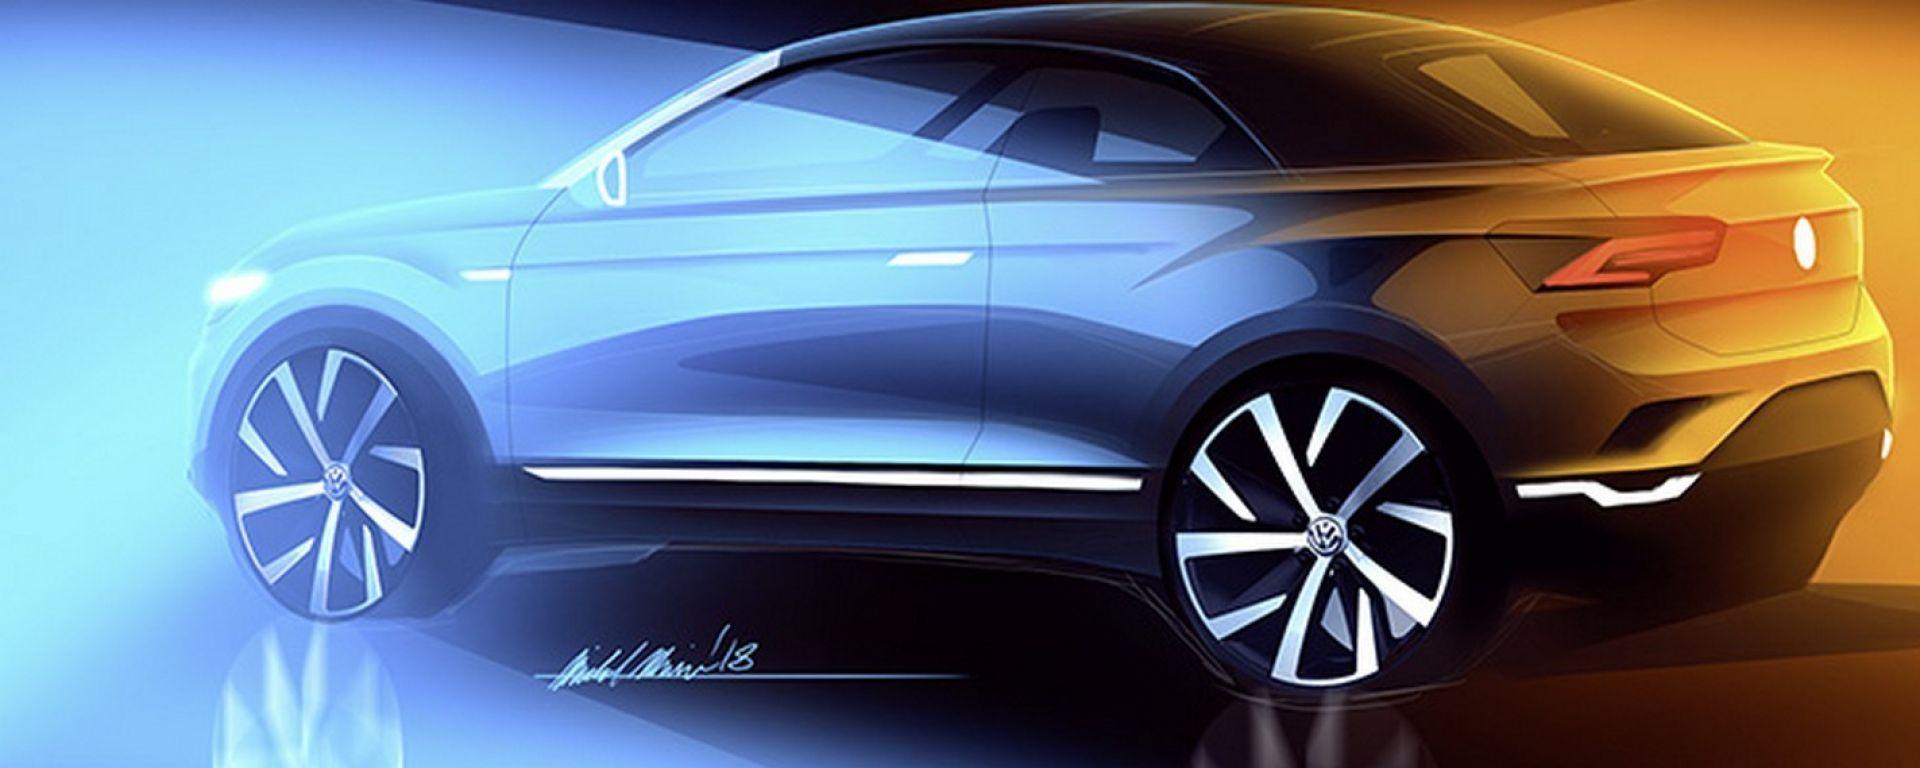 Volkswagen T-Roc Cabriolet, in arrivo nel 2020